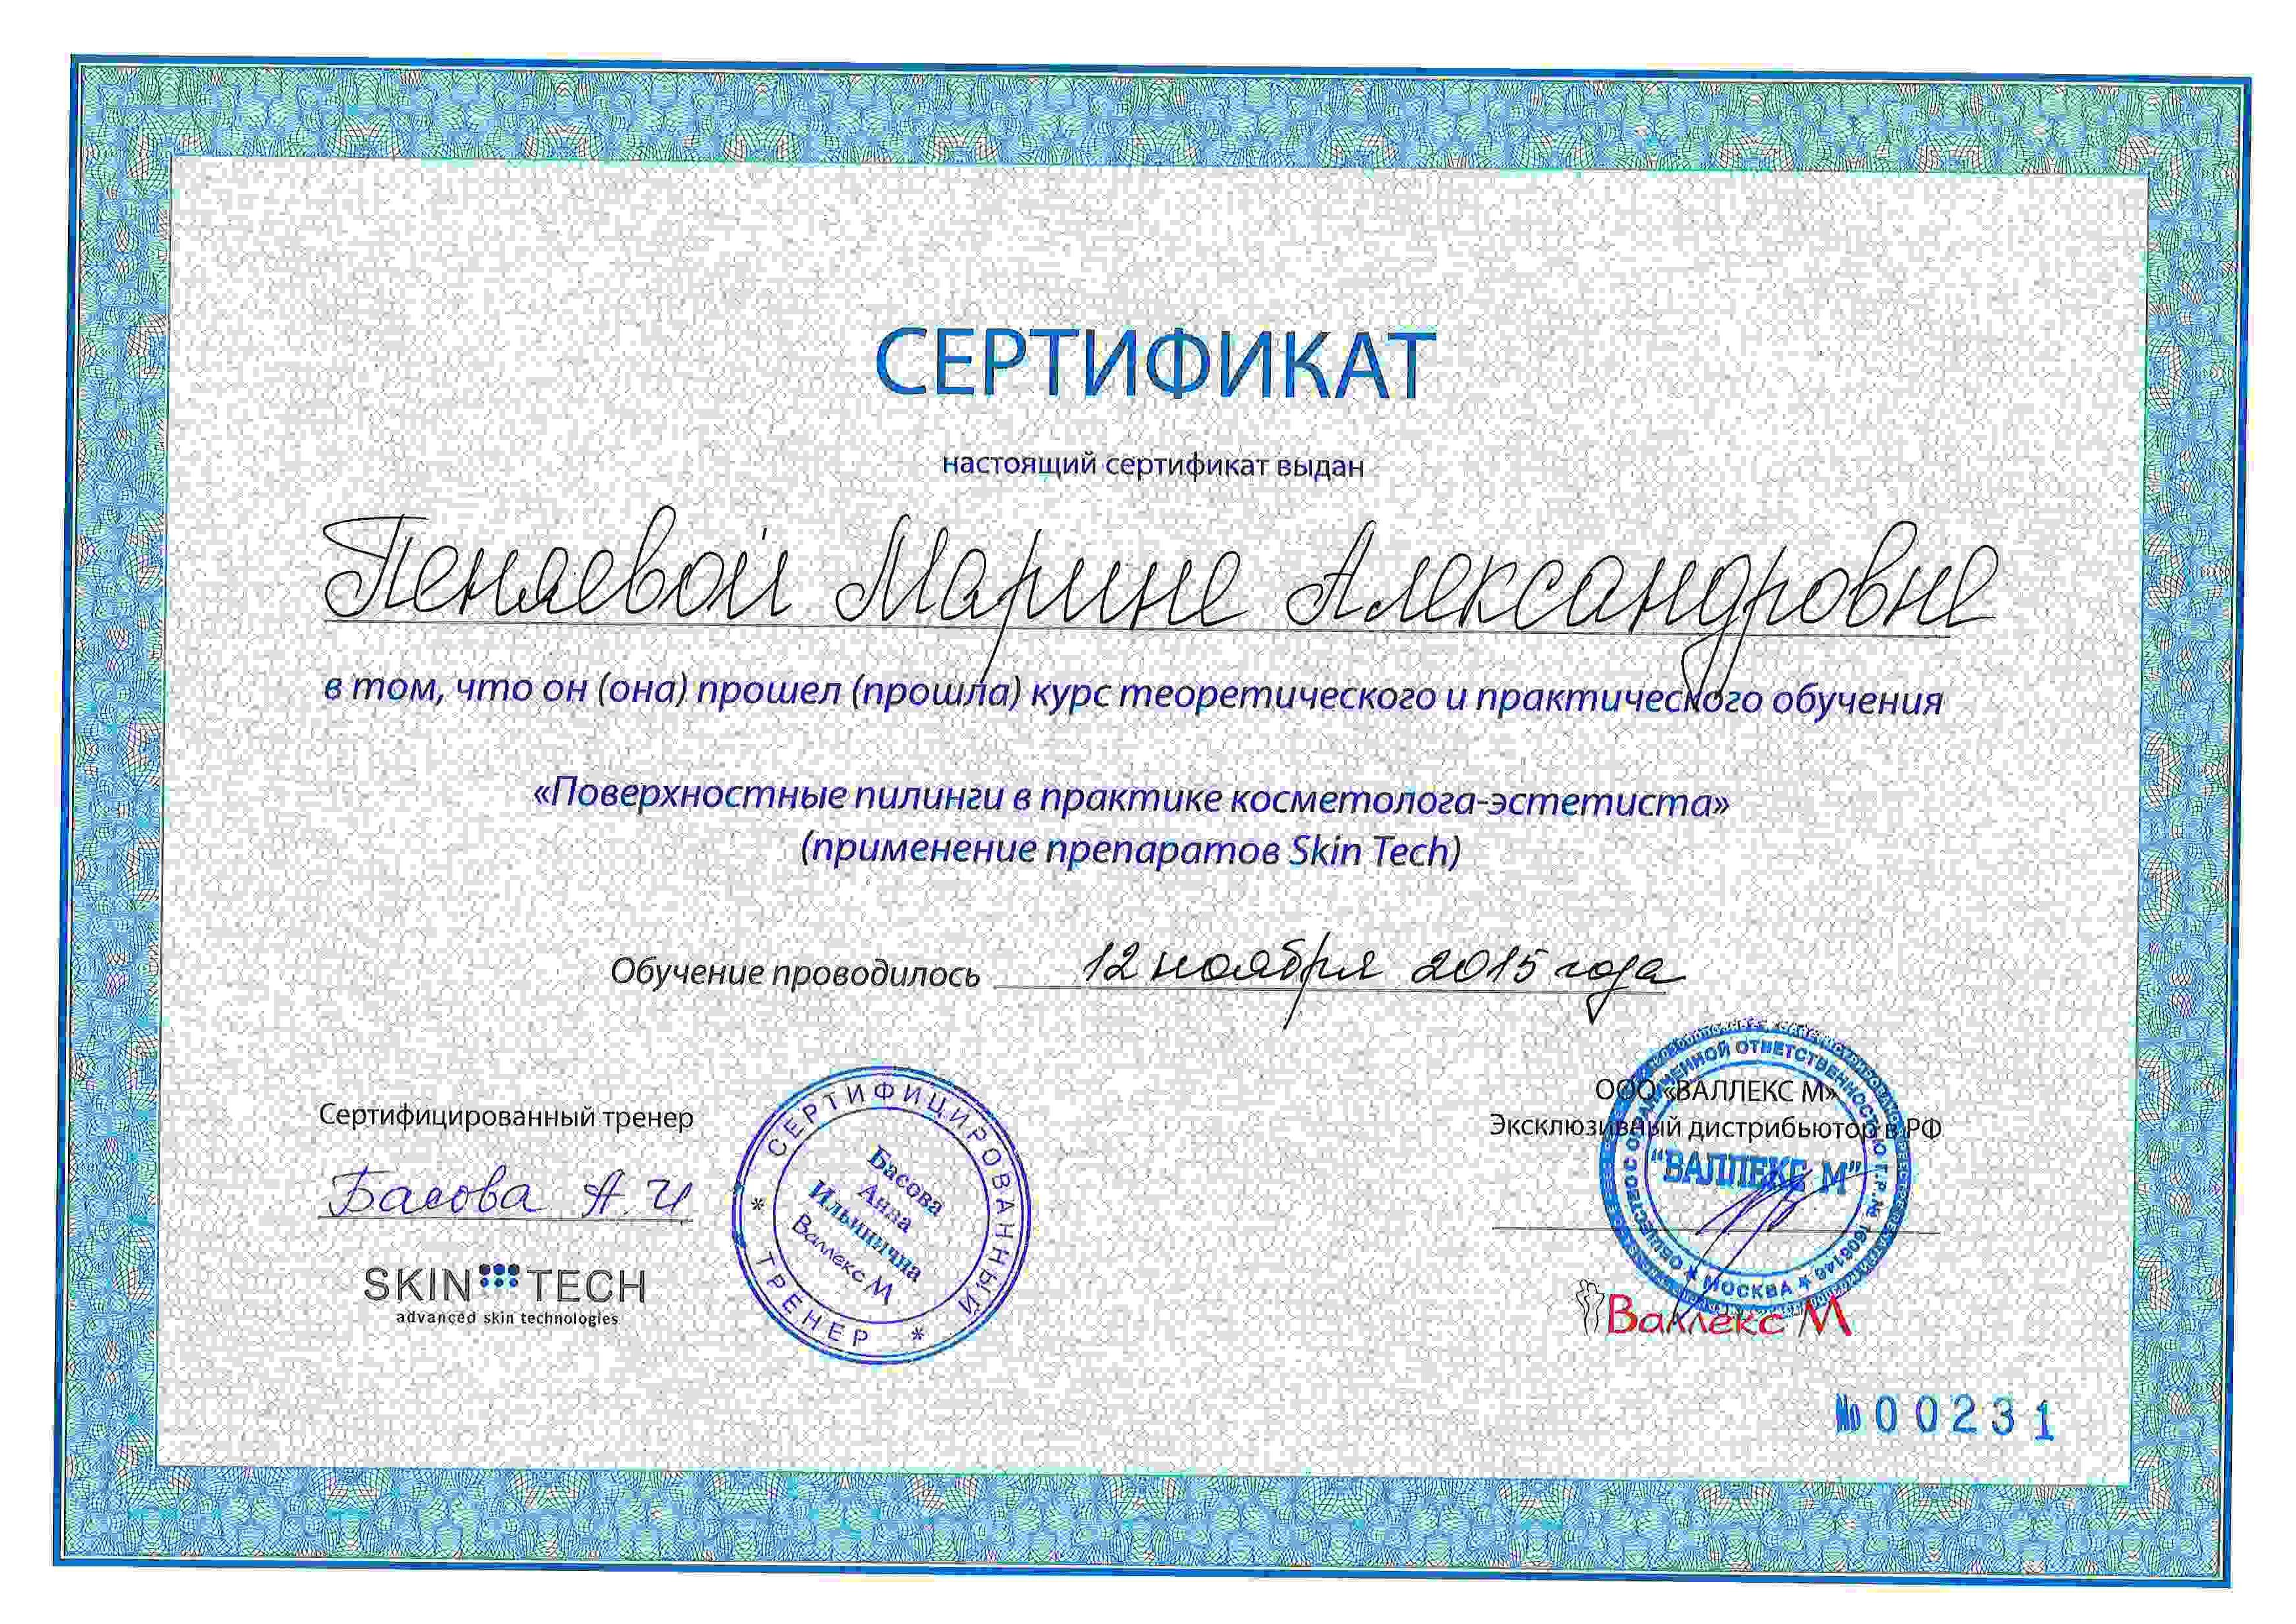 Сертификат — Применение препаратов Skin Tech. Пеняева Марина Александровна